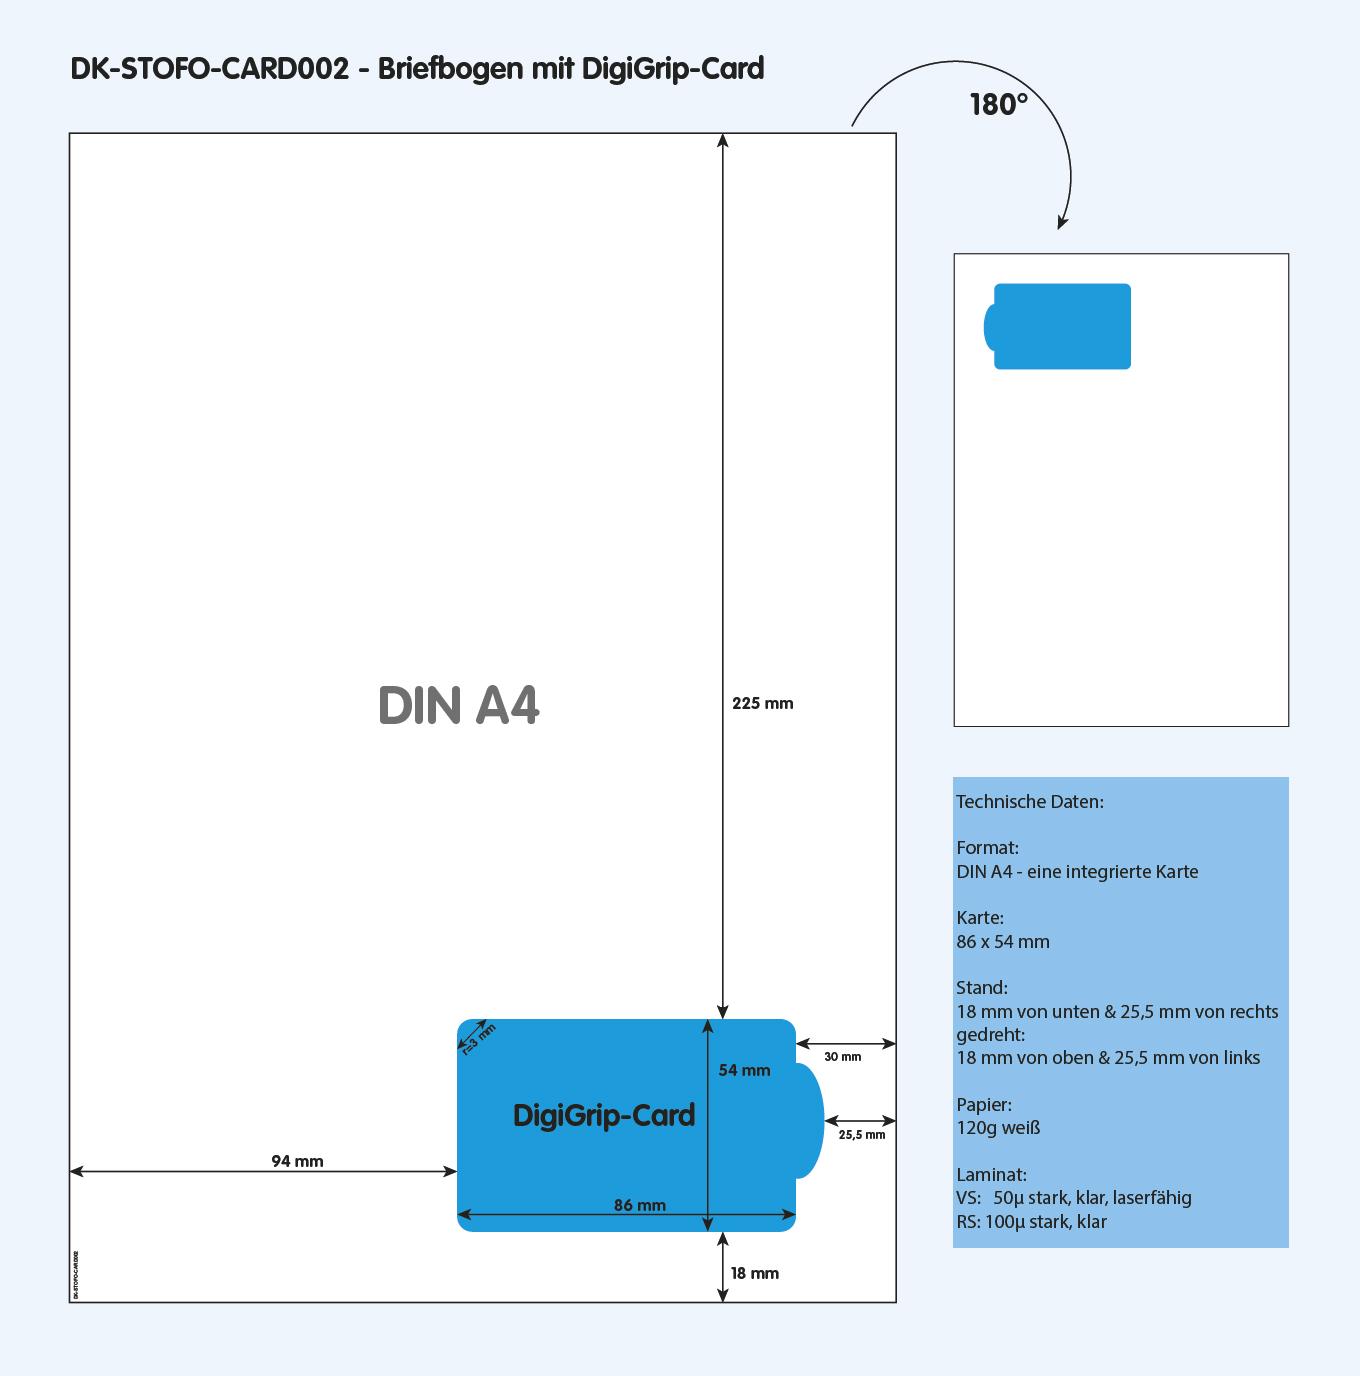 DK-STOFO-CARD002 - technische Zeichnung